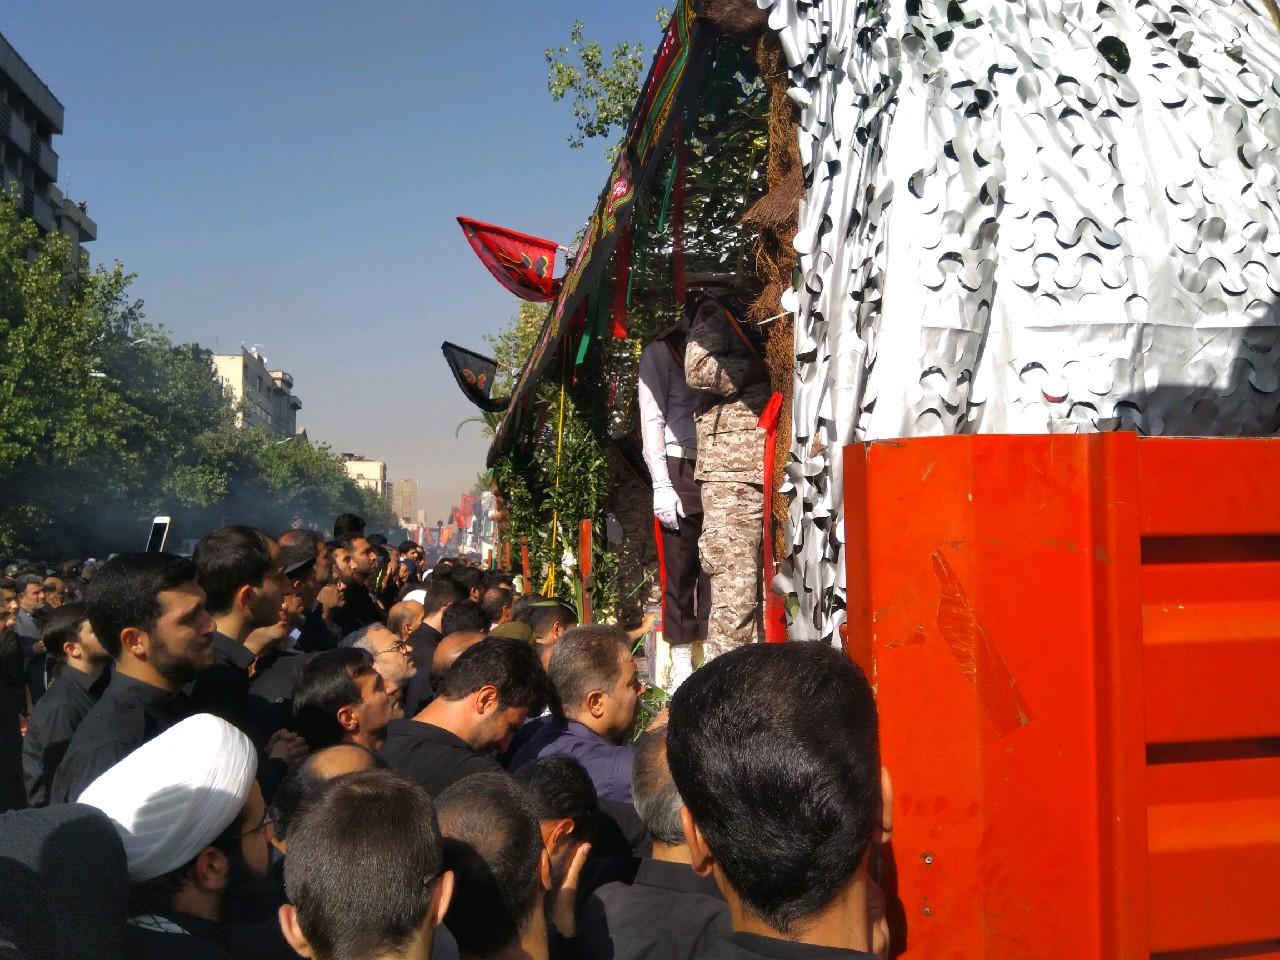 مراسم بدرقه ۱۳۵ شهید به روایت خبرنگاران دفاع پرس/ باید سیلی دیگری به گوش استکبار بزنیم